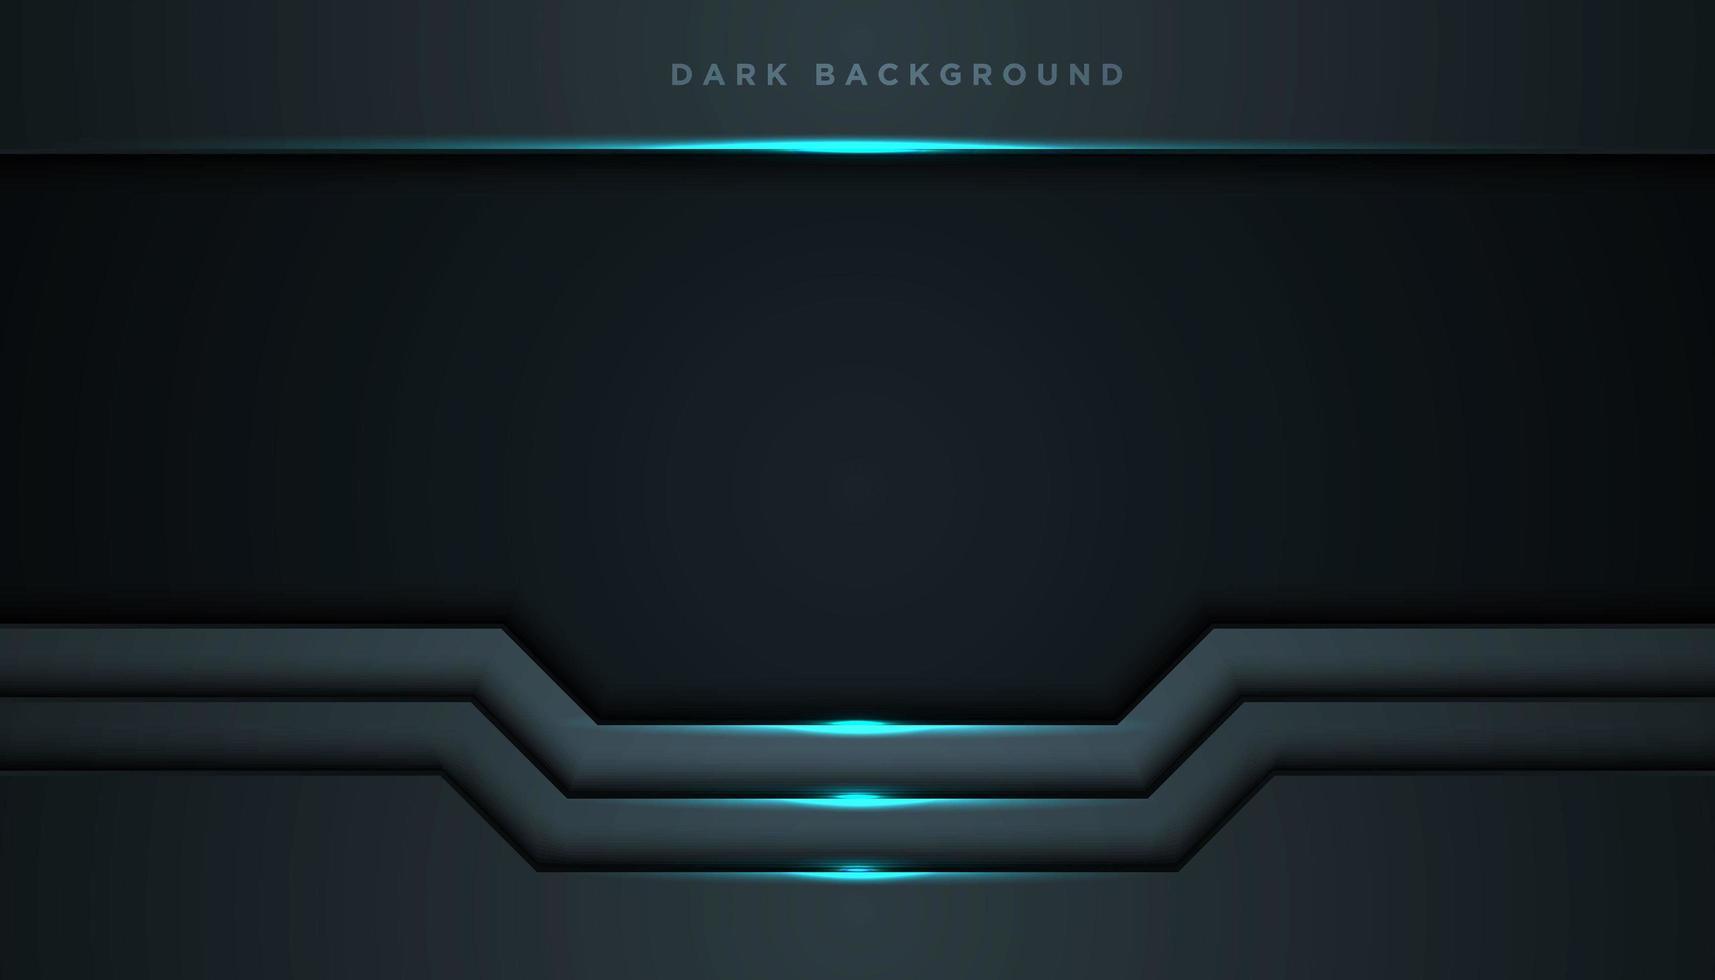 abstrakter schwarzer Rahmenhintergrund mit leuchtendem blauem Licht vektor